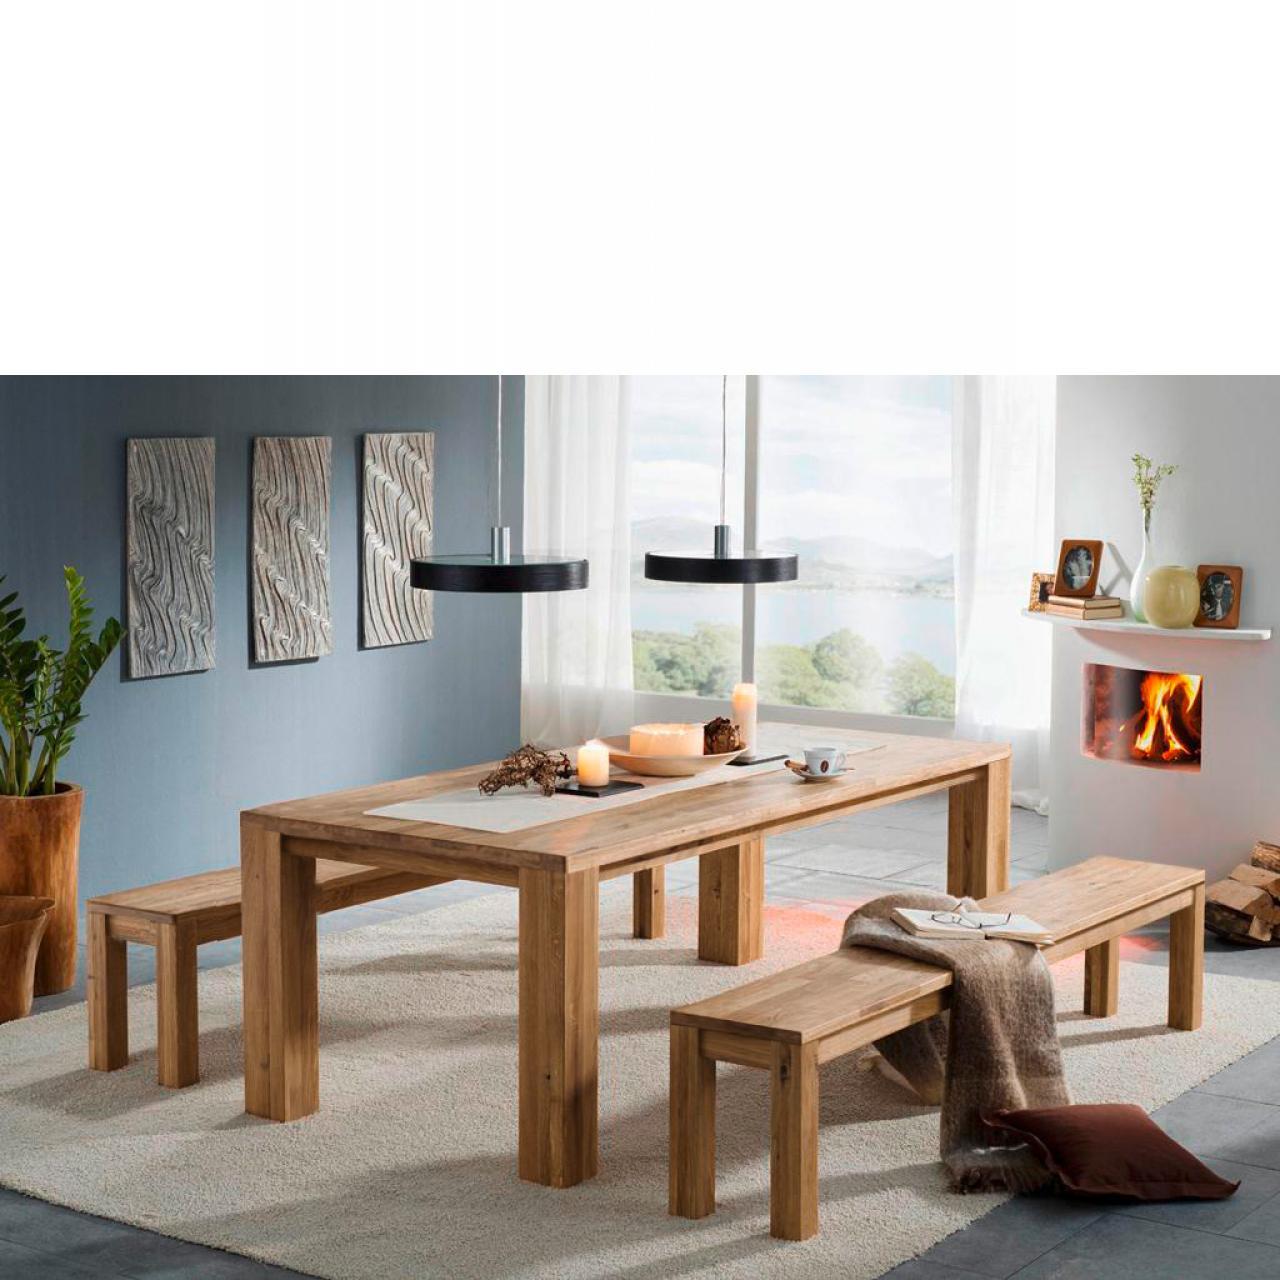 Esstisch TI-0527 Wildeiche massiv 200x100 cm Esszimmertisch Küchentisch